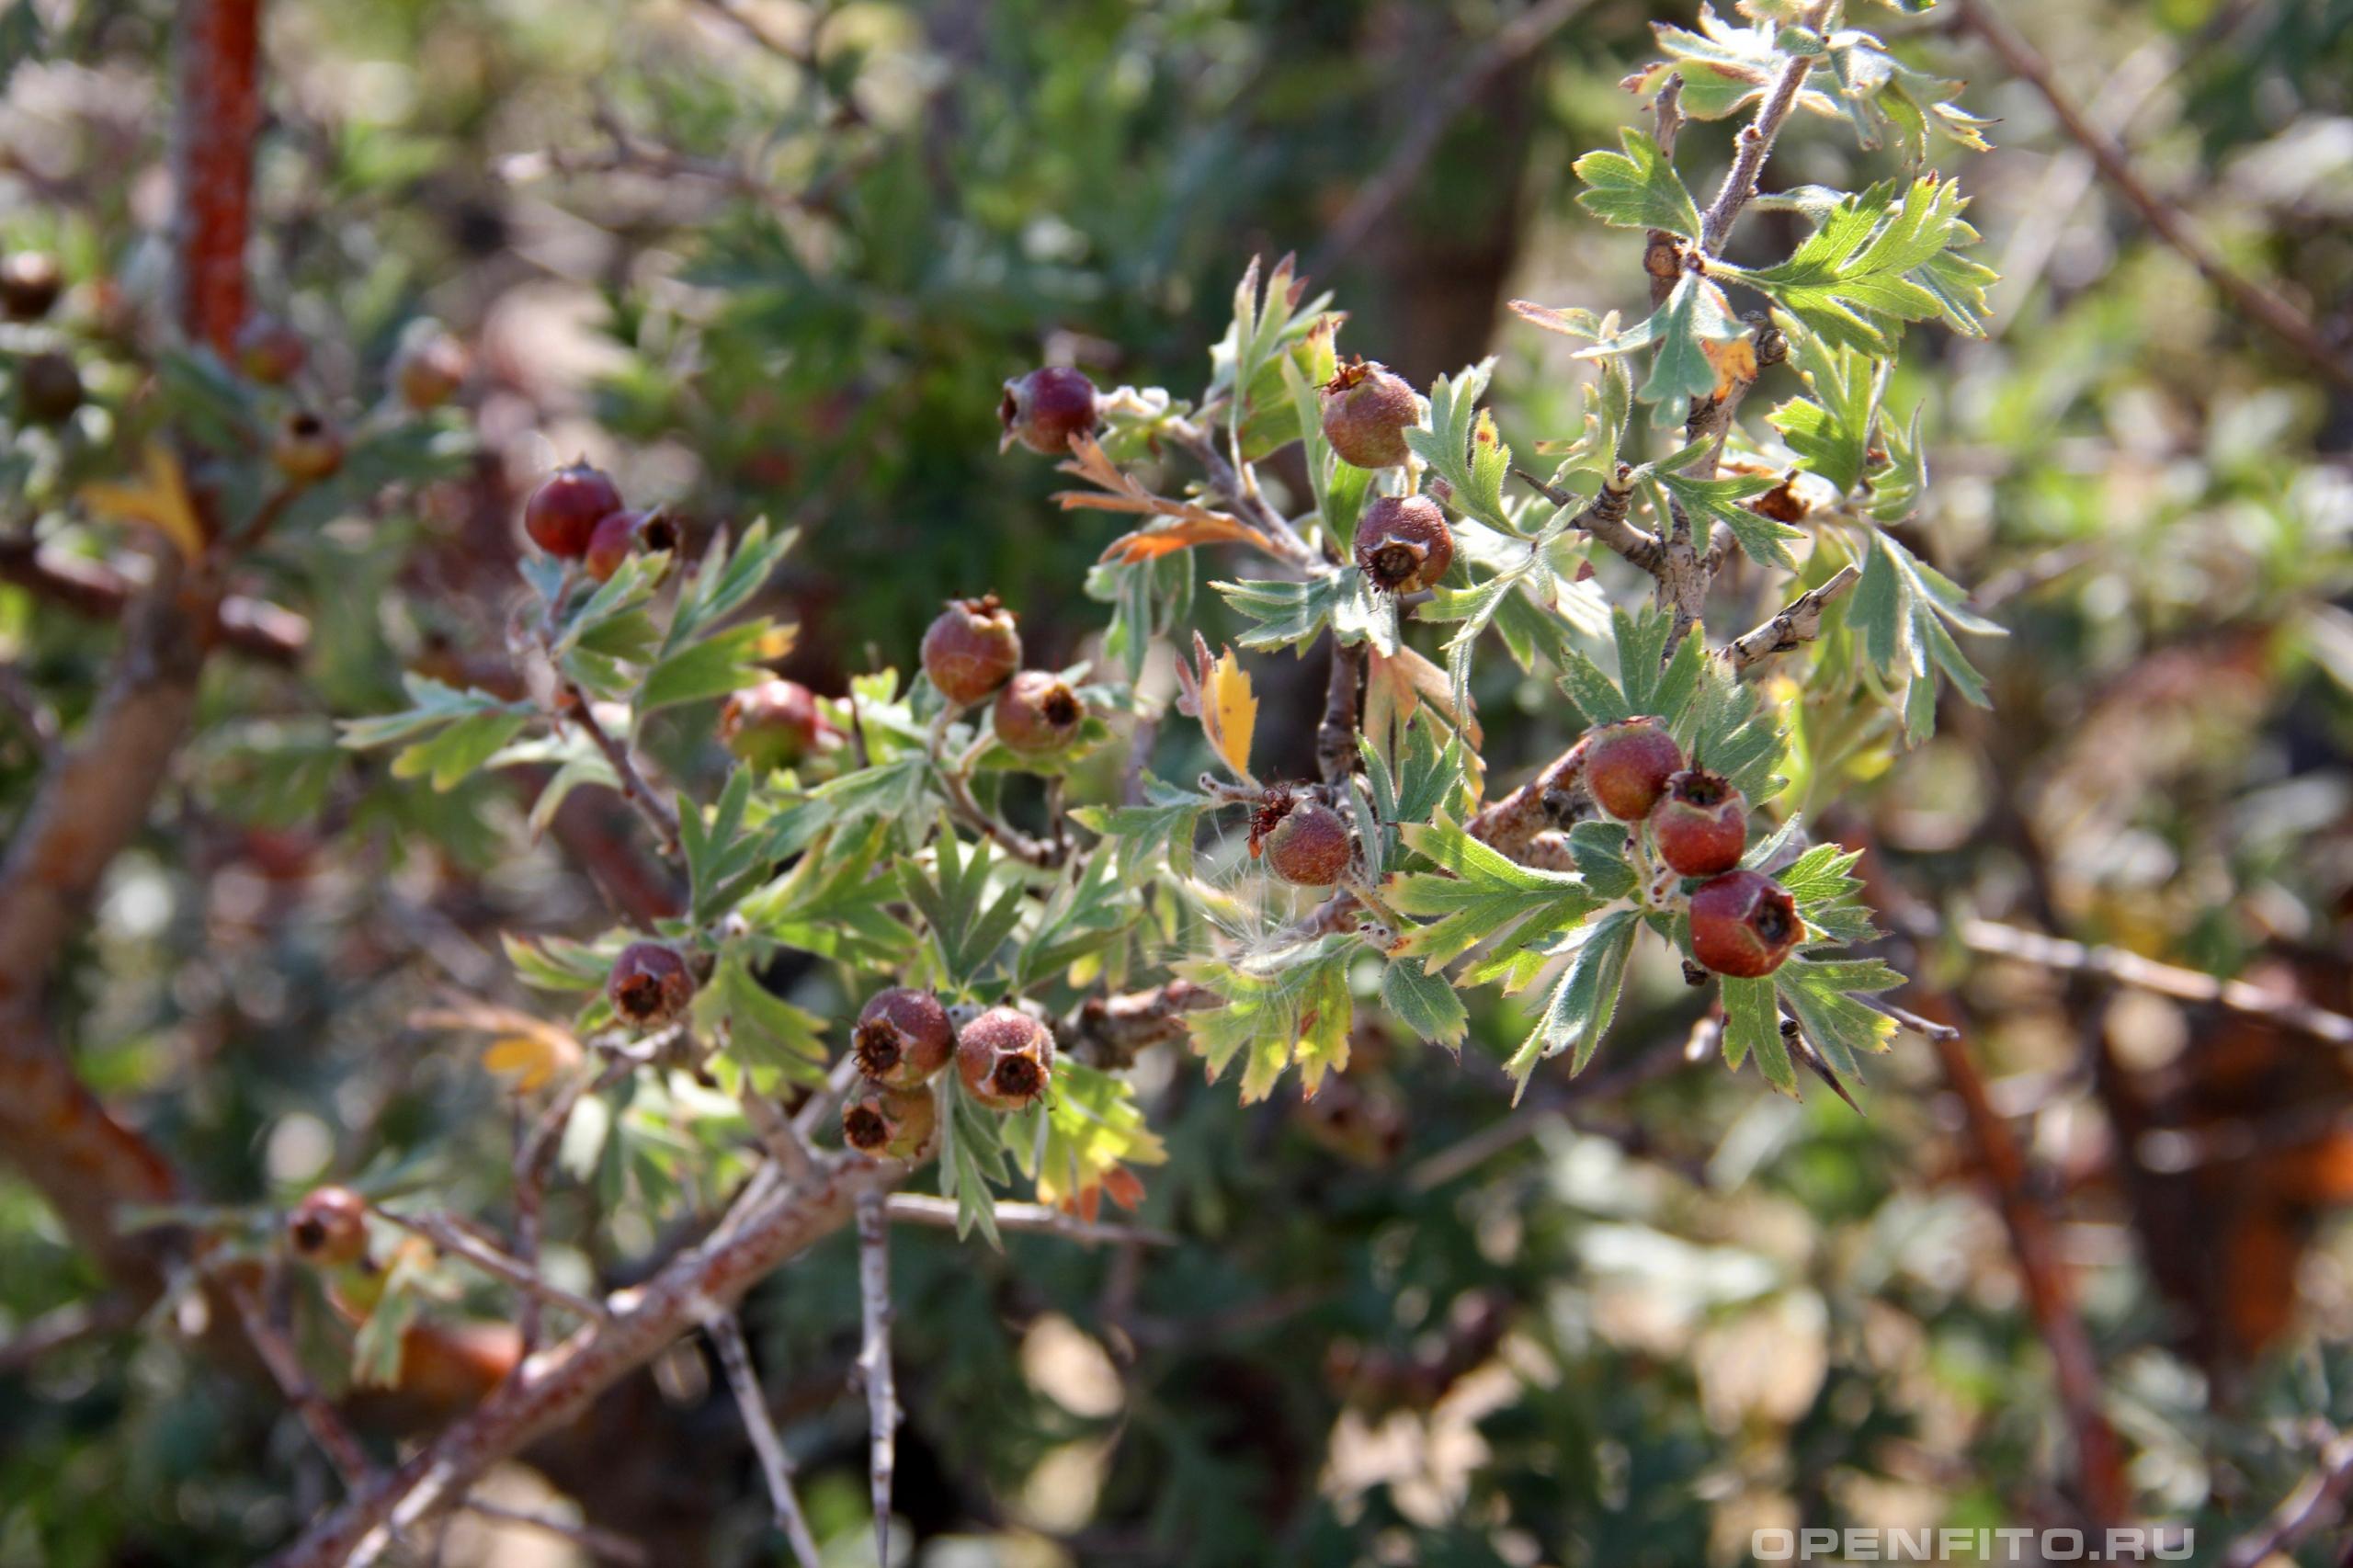 Боярышник Турнефора листья и созревающие плоды